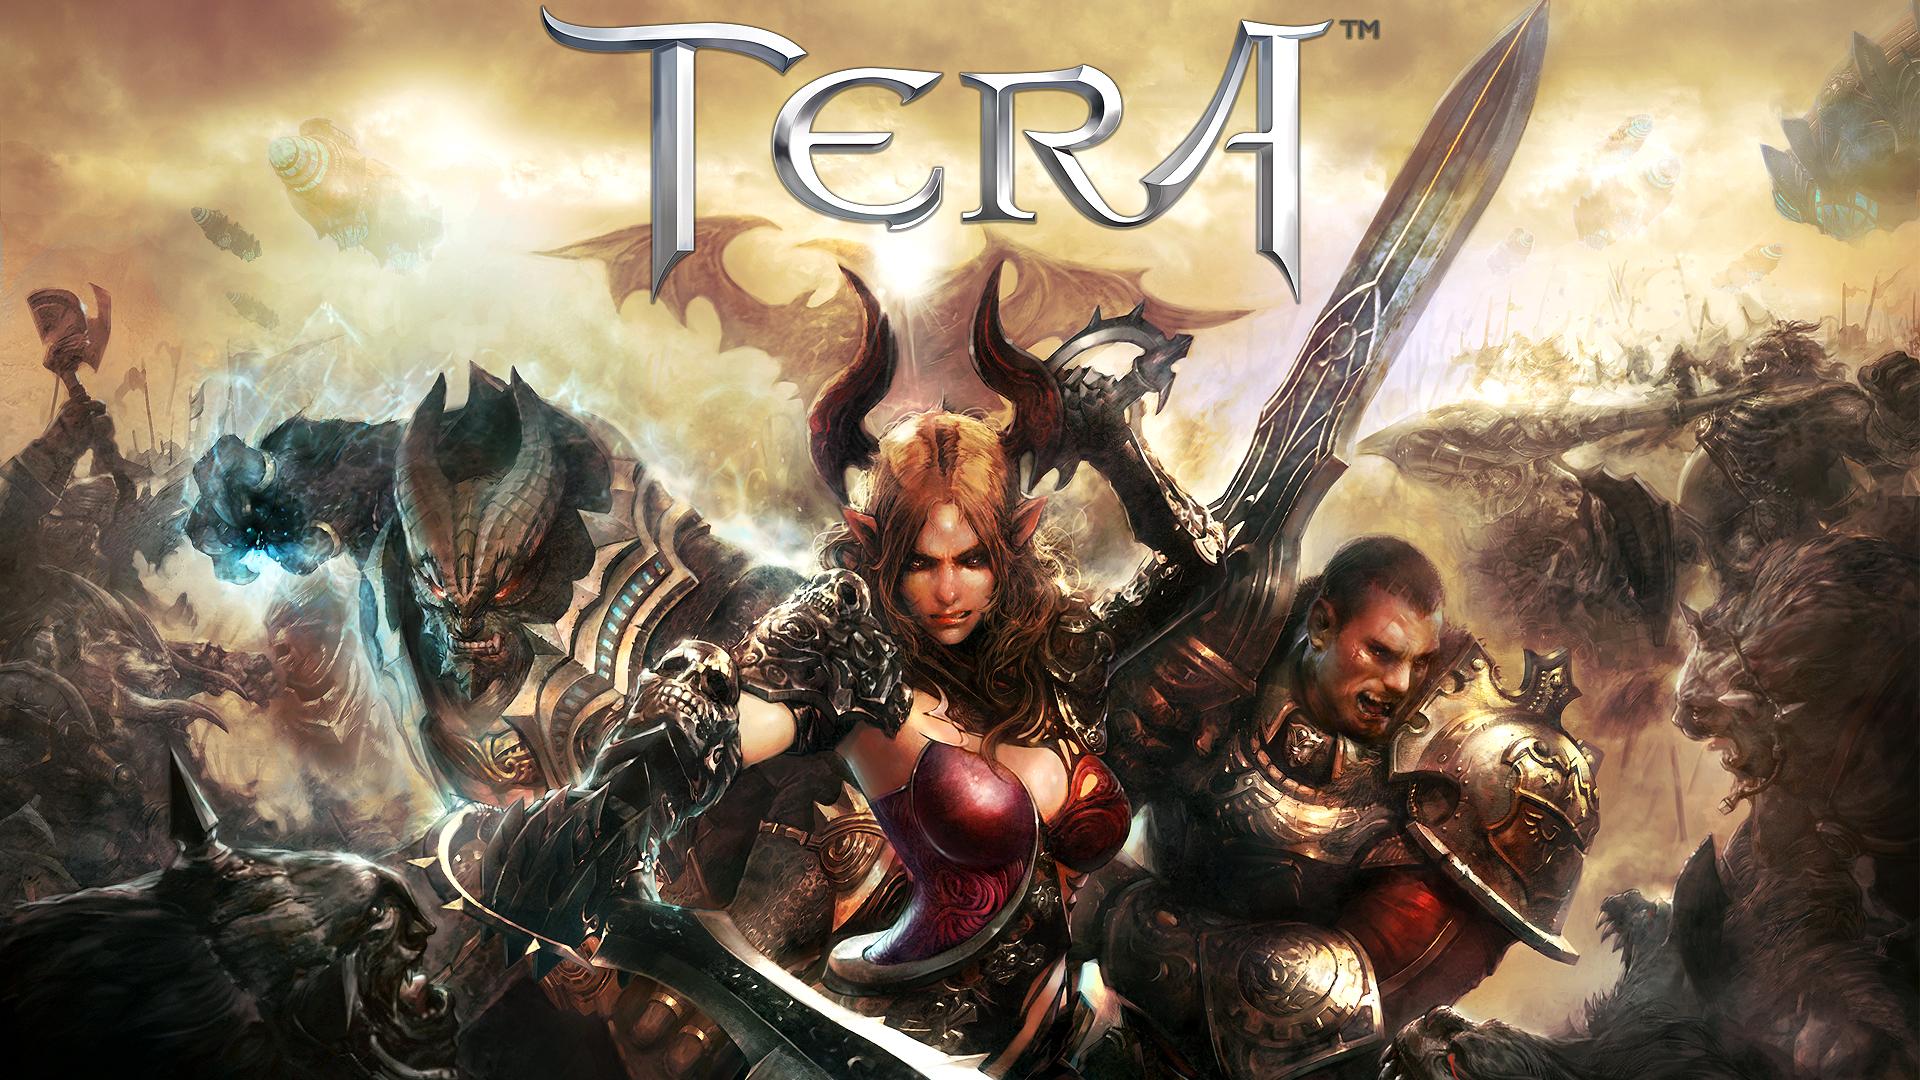 Tera Rising Une nouvelle aventure pour le bien de lhumanit 1920x1080